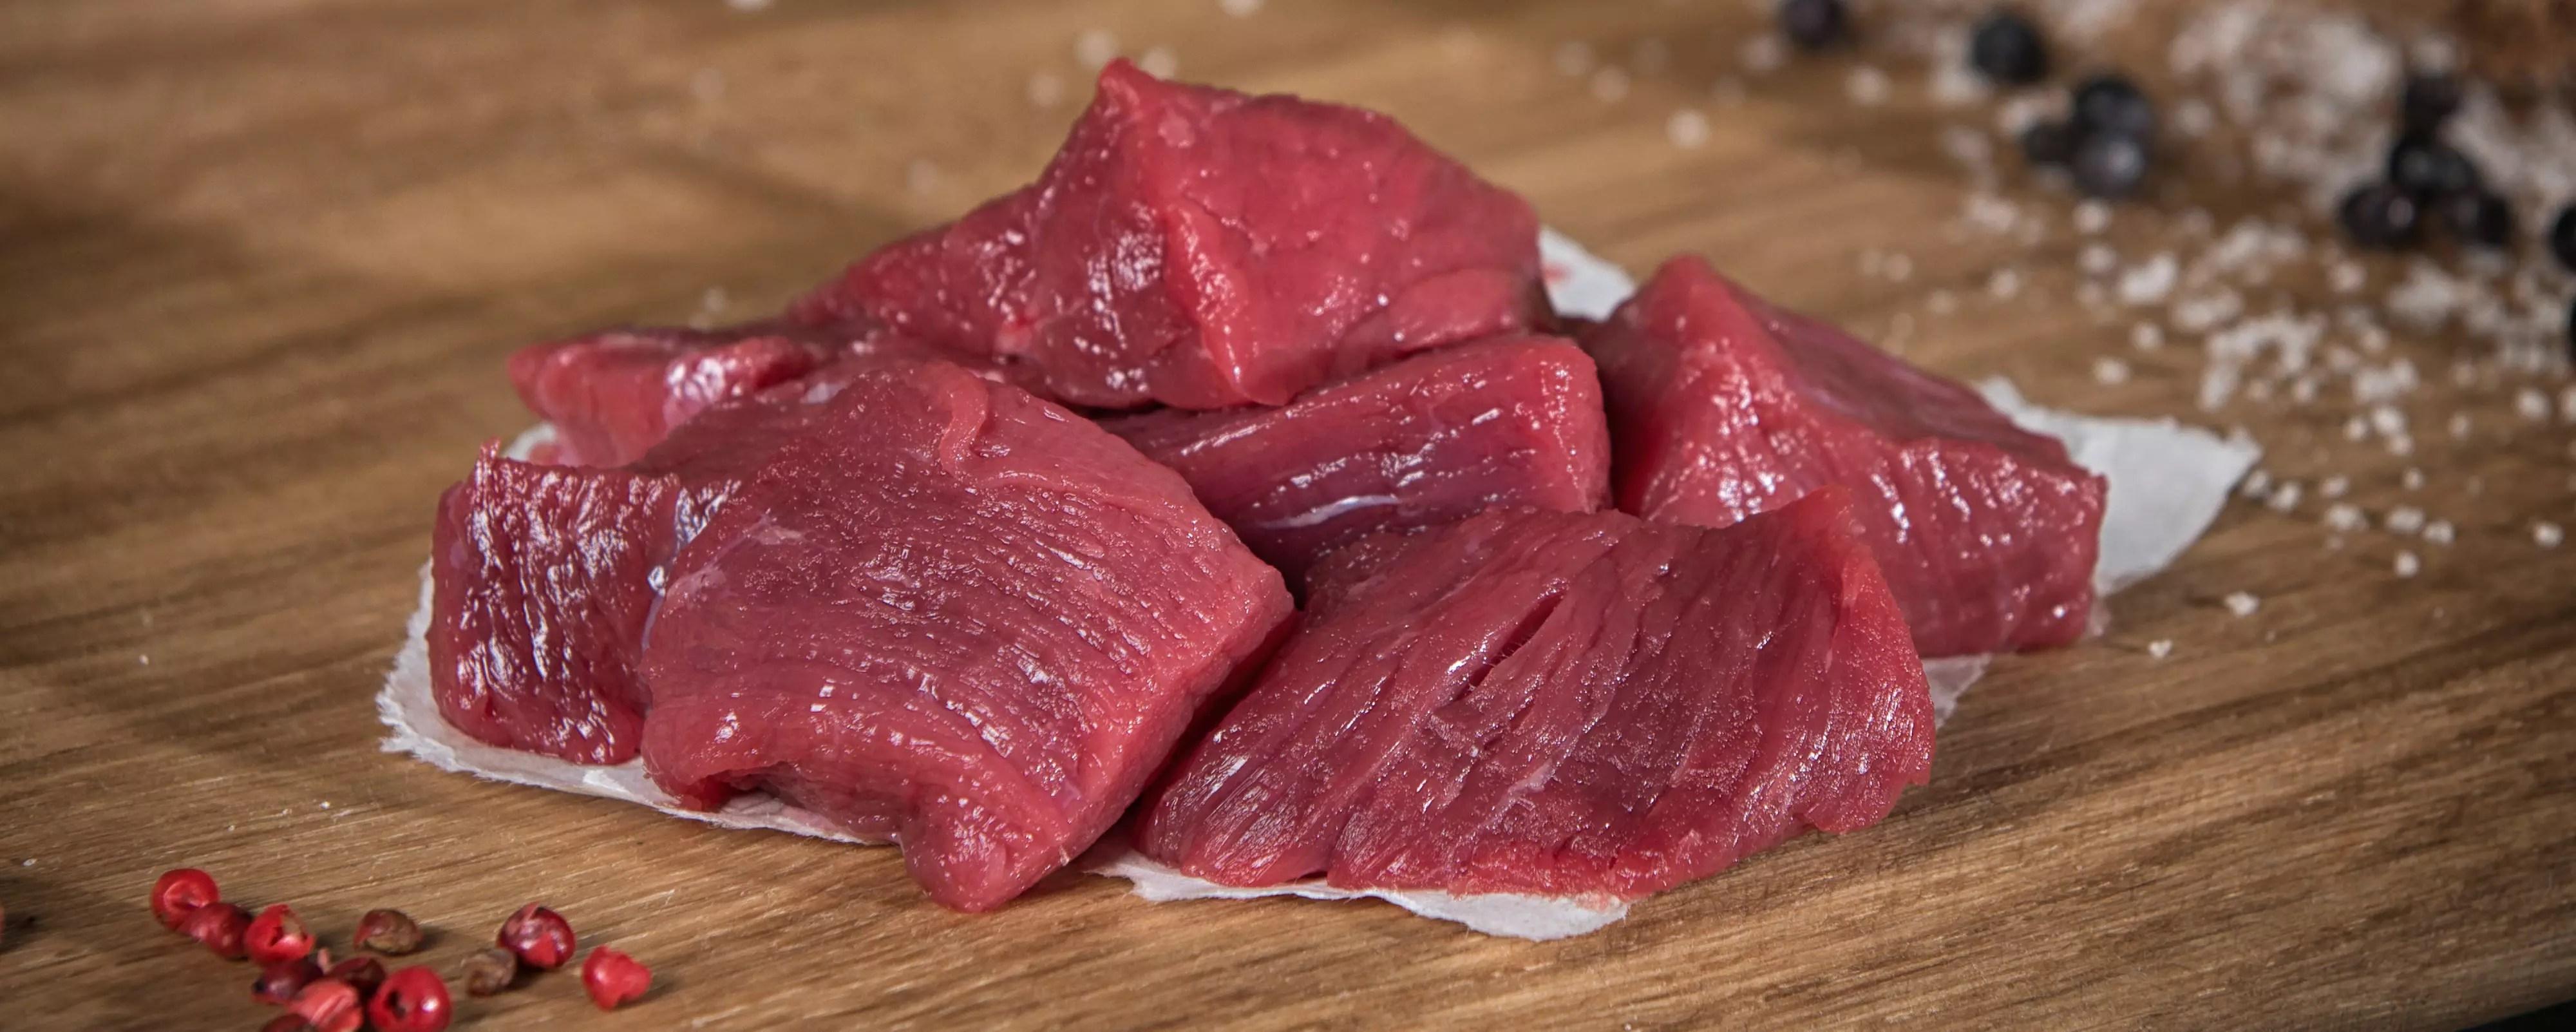 Biefstukpuntjes biefstukblokjes